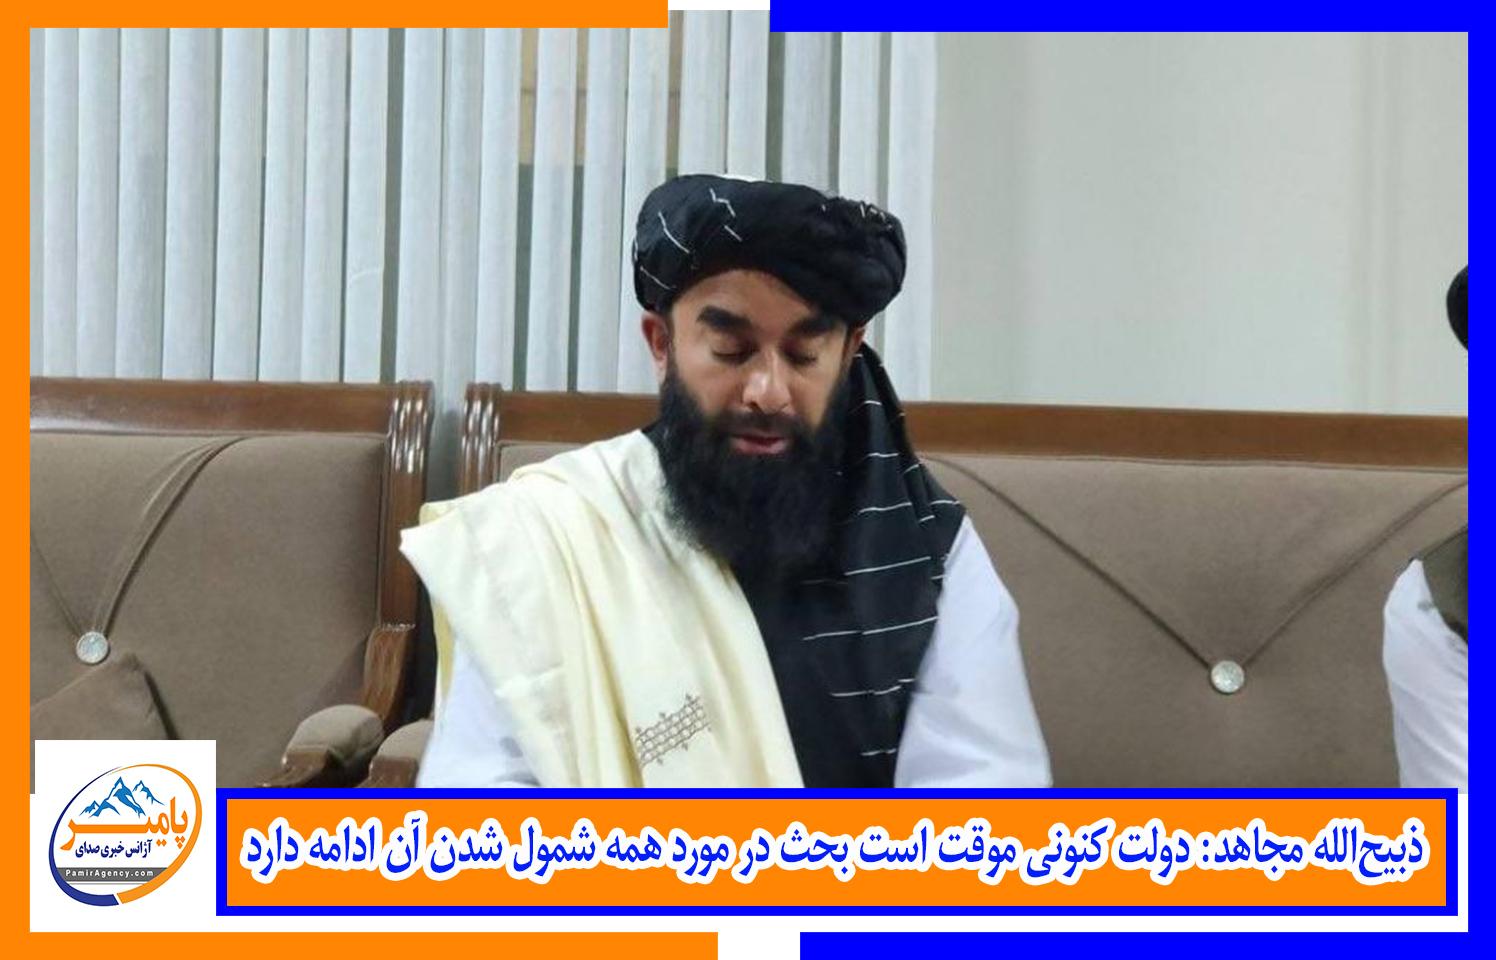 ذبیحالله مجاهد: دولت کنونی موقت است بحث در مورد همه شمول شدن آن ادامه دارد